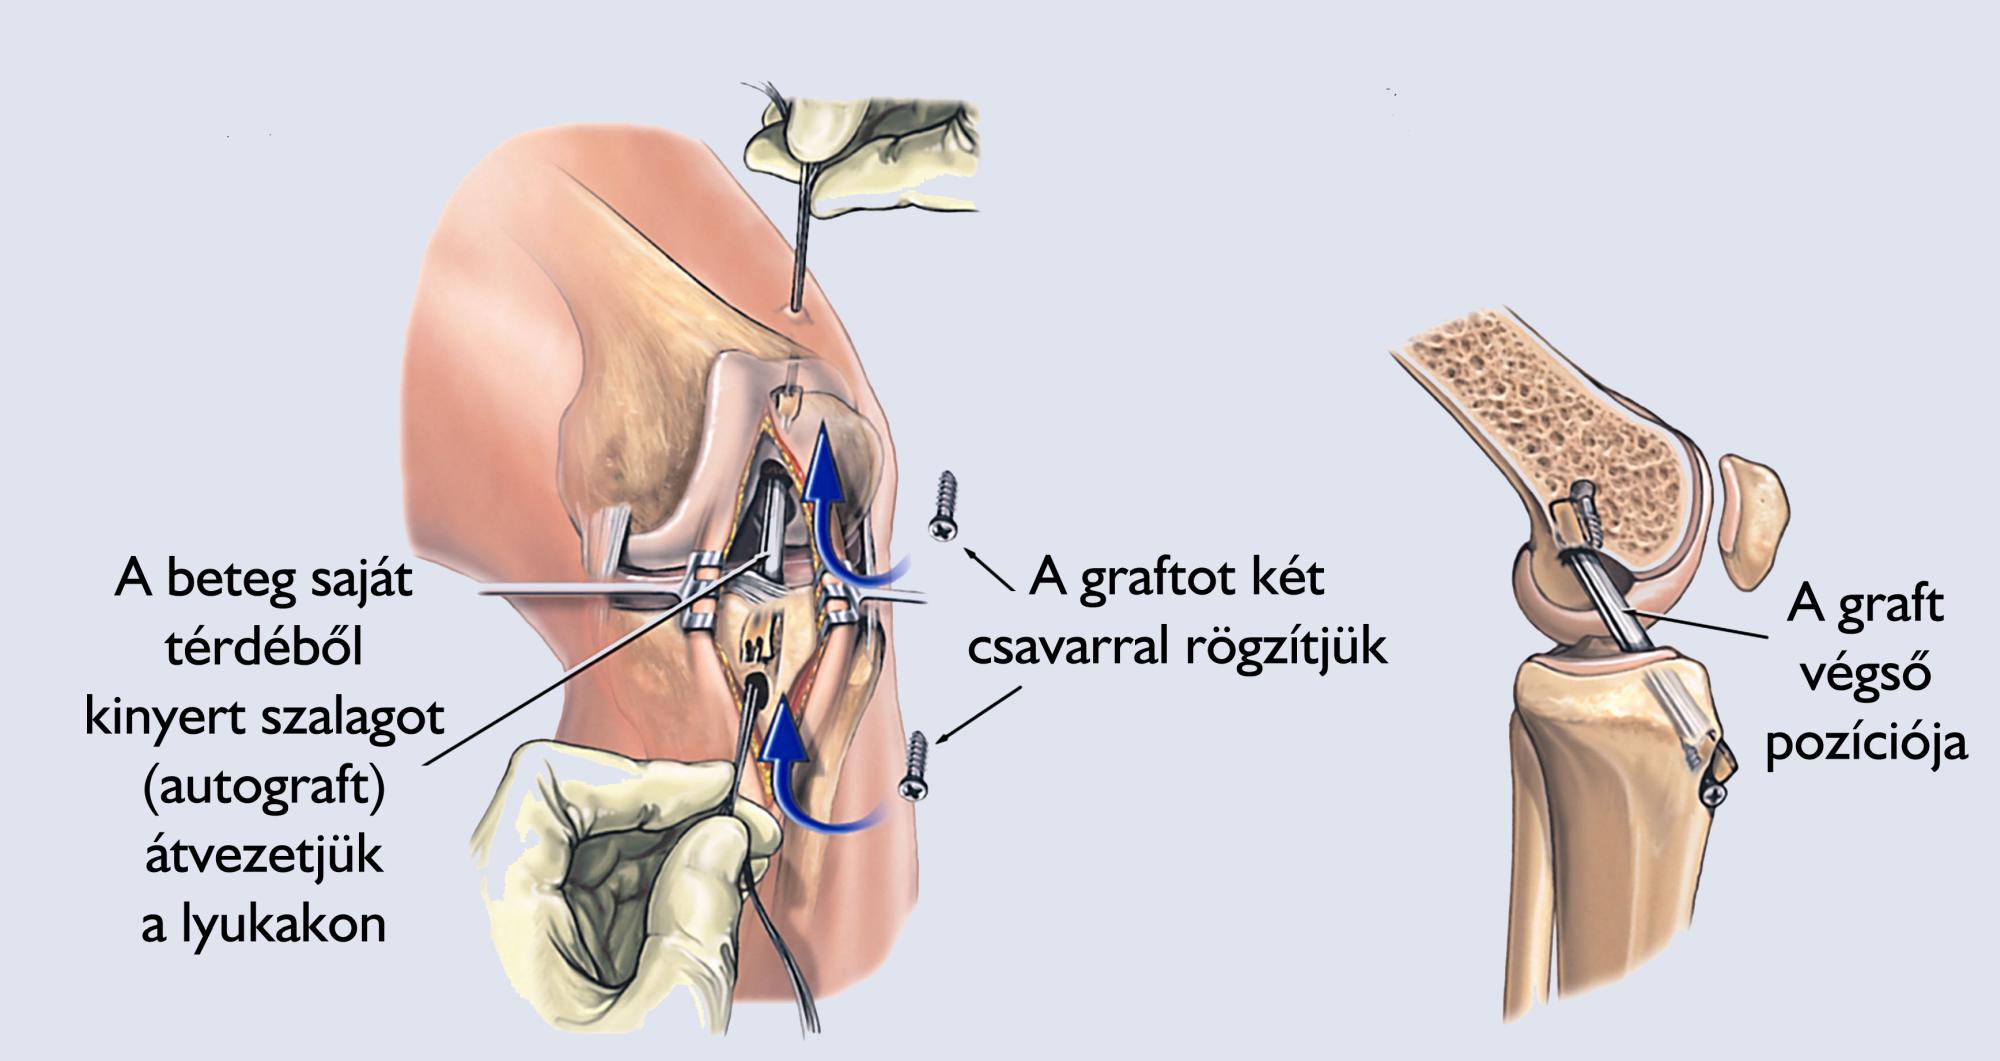 térdízület ízületi műtét ajánlások az artrózis kezelésére